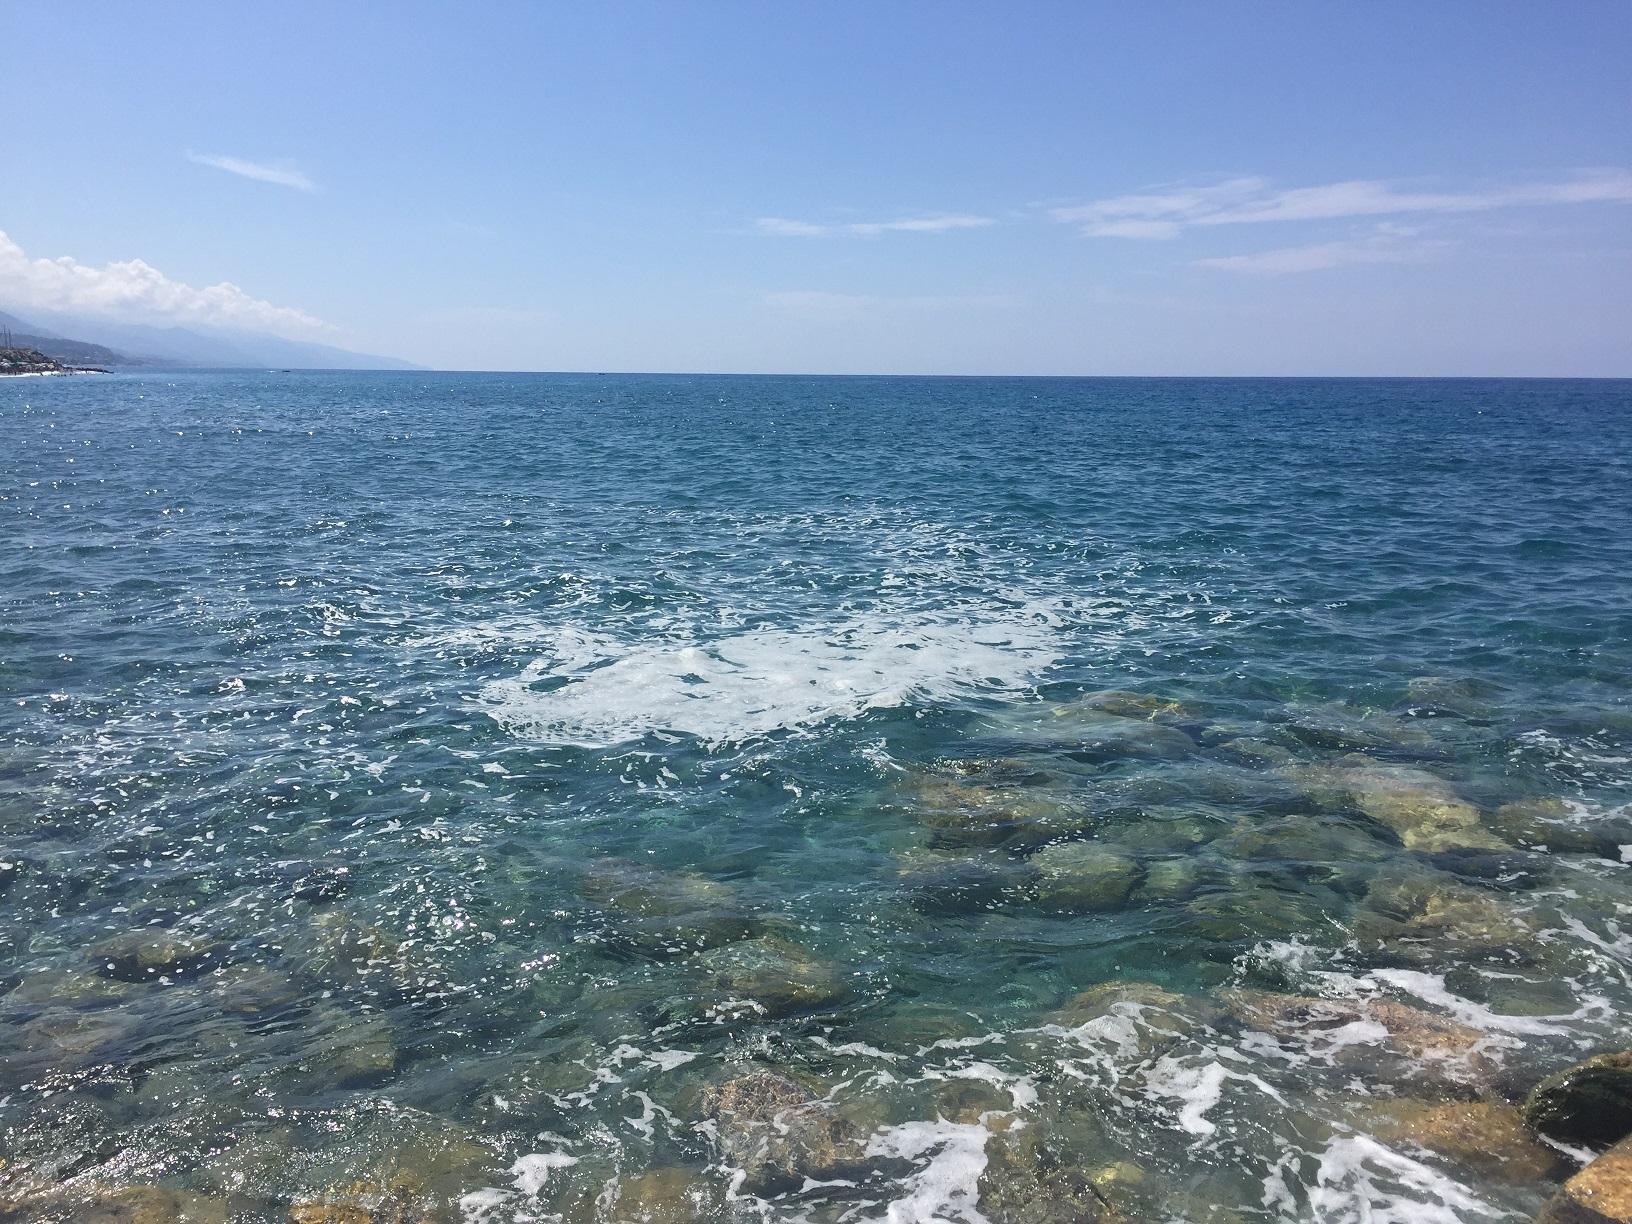 Mare sporco e depurazione, ogni anno lo stesso problema ma non è un problema da spiaggia